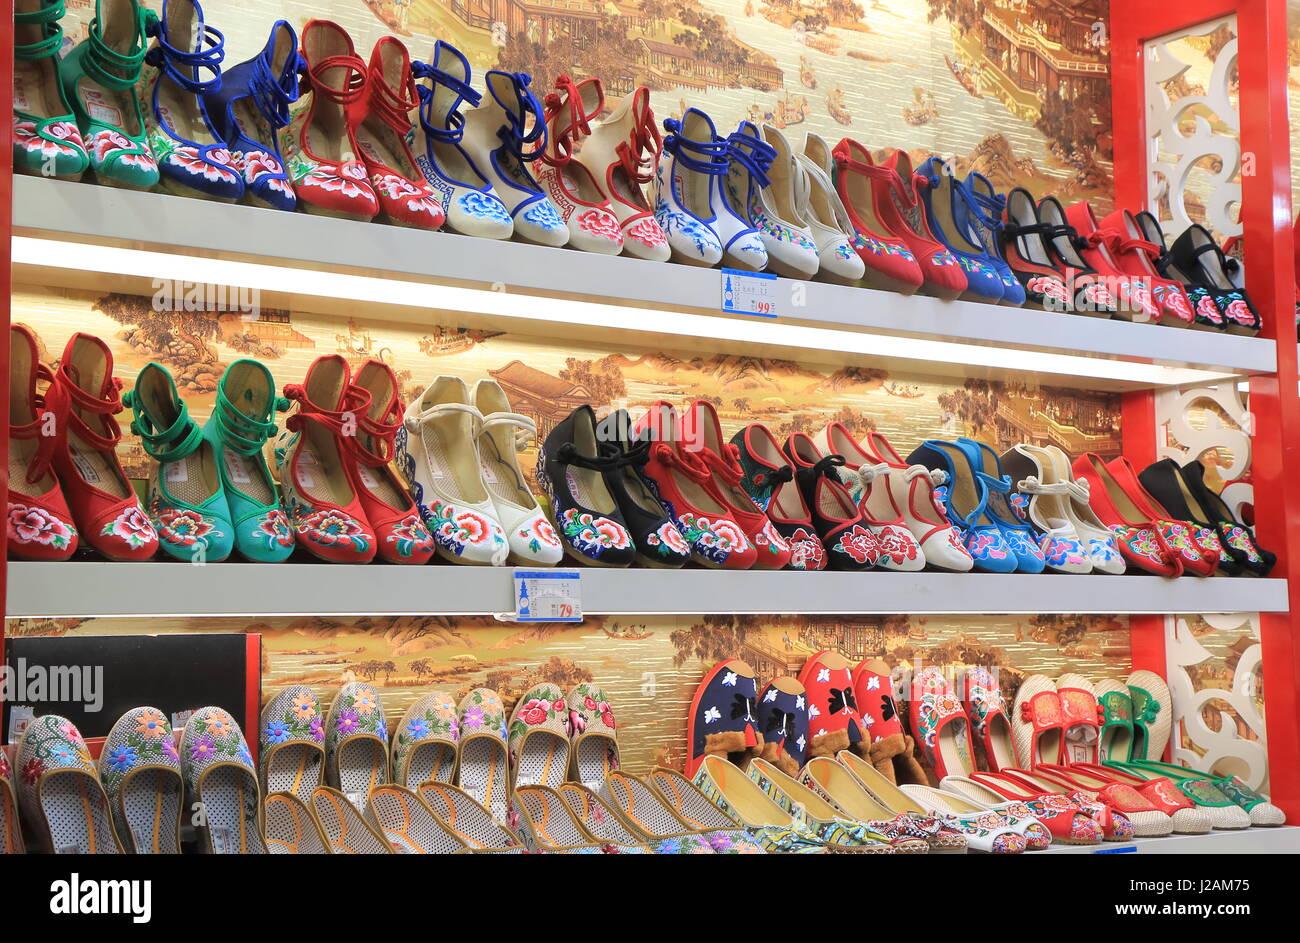 7e61b8c90bf075 Traditional shoe shop on Qing He Fang historical street in Hangzhou China.  Qing He Fang